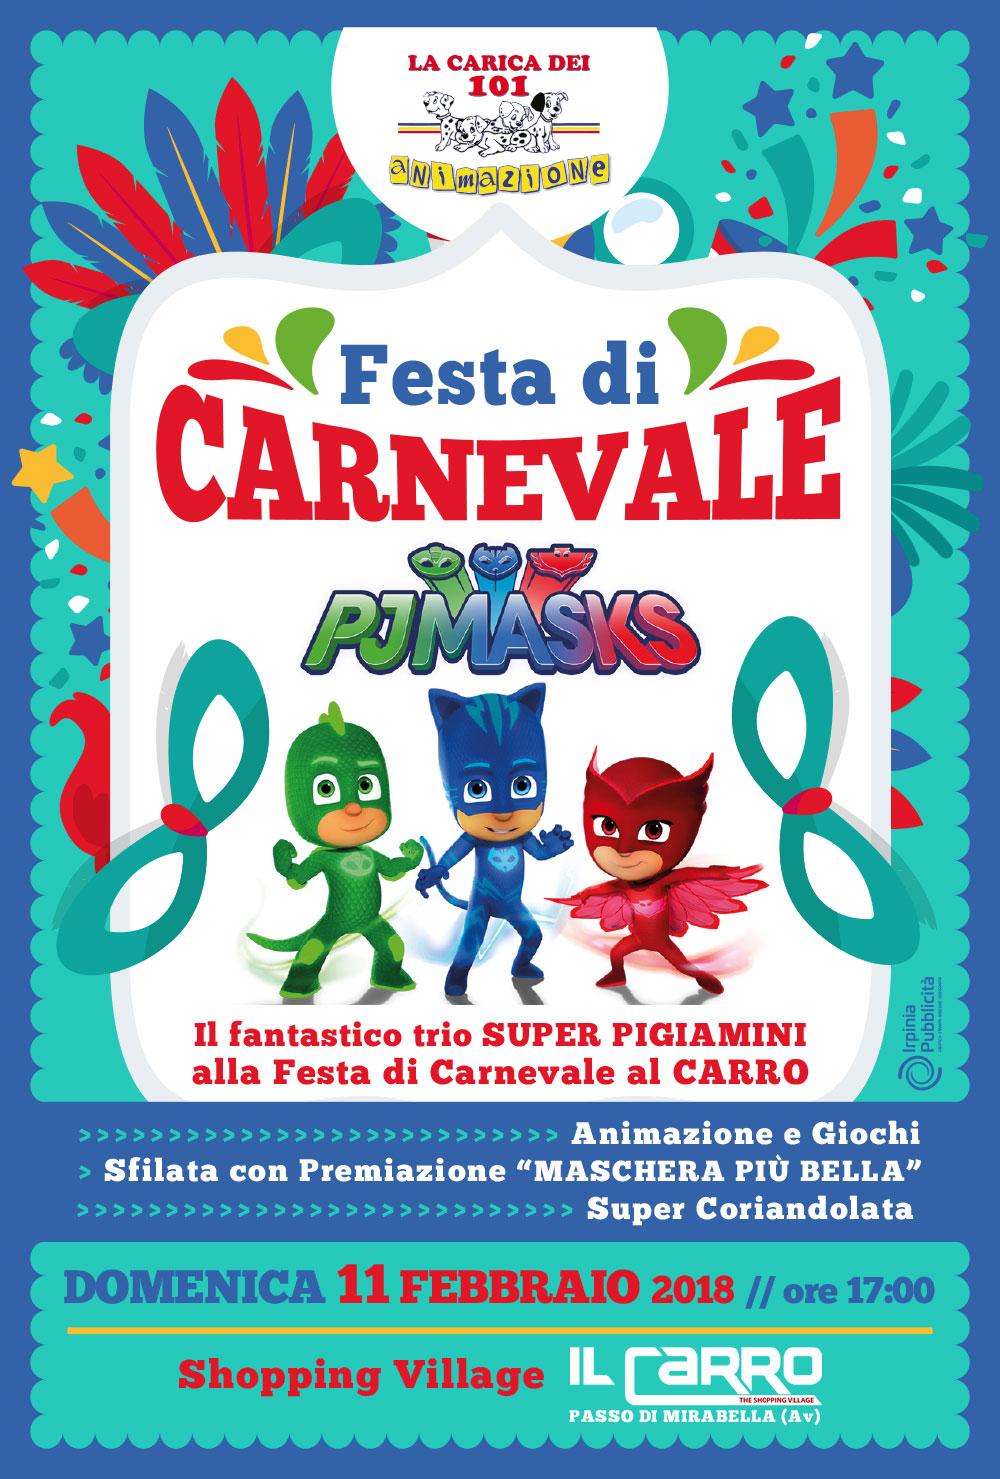 Carnevale il Carro 2018